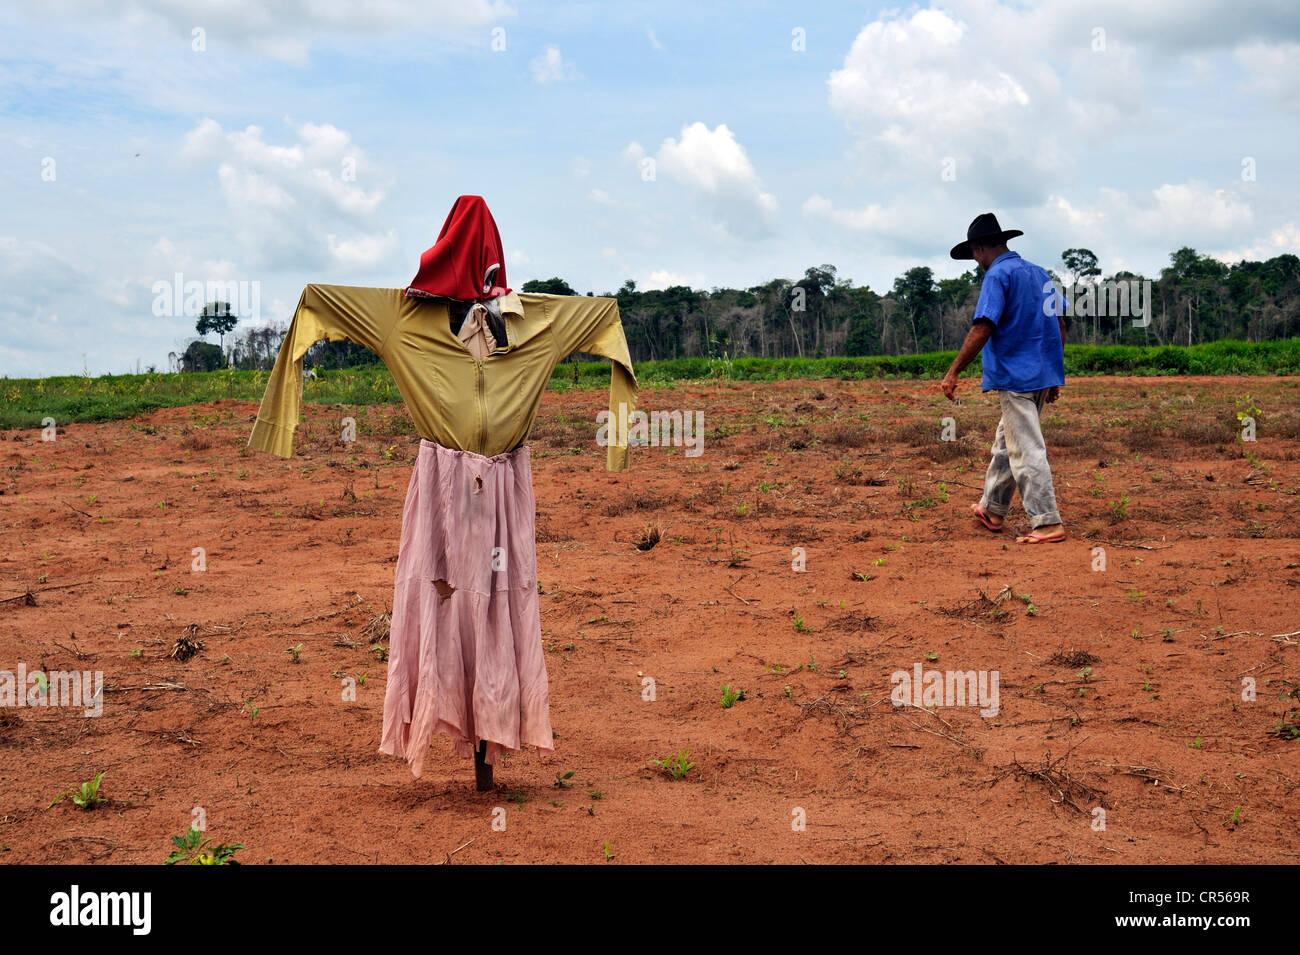 Scarecrow in a field owned by a peasant farmer, Acampamento 12 de Otubro landless camp, Movimento dos Trabalhadores - Stock Image